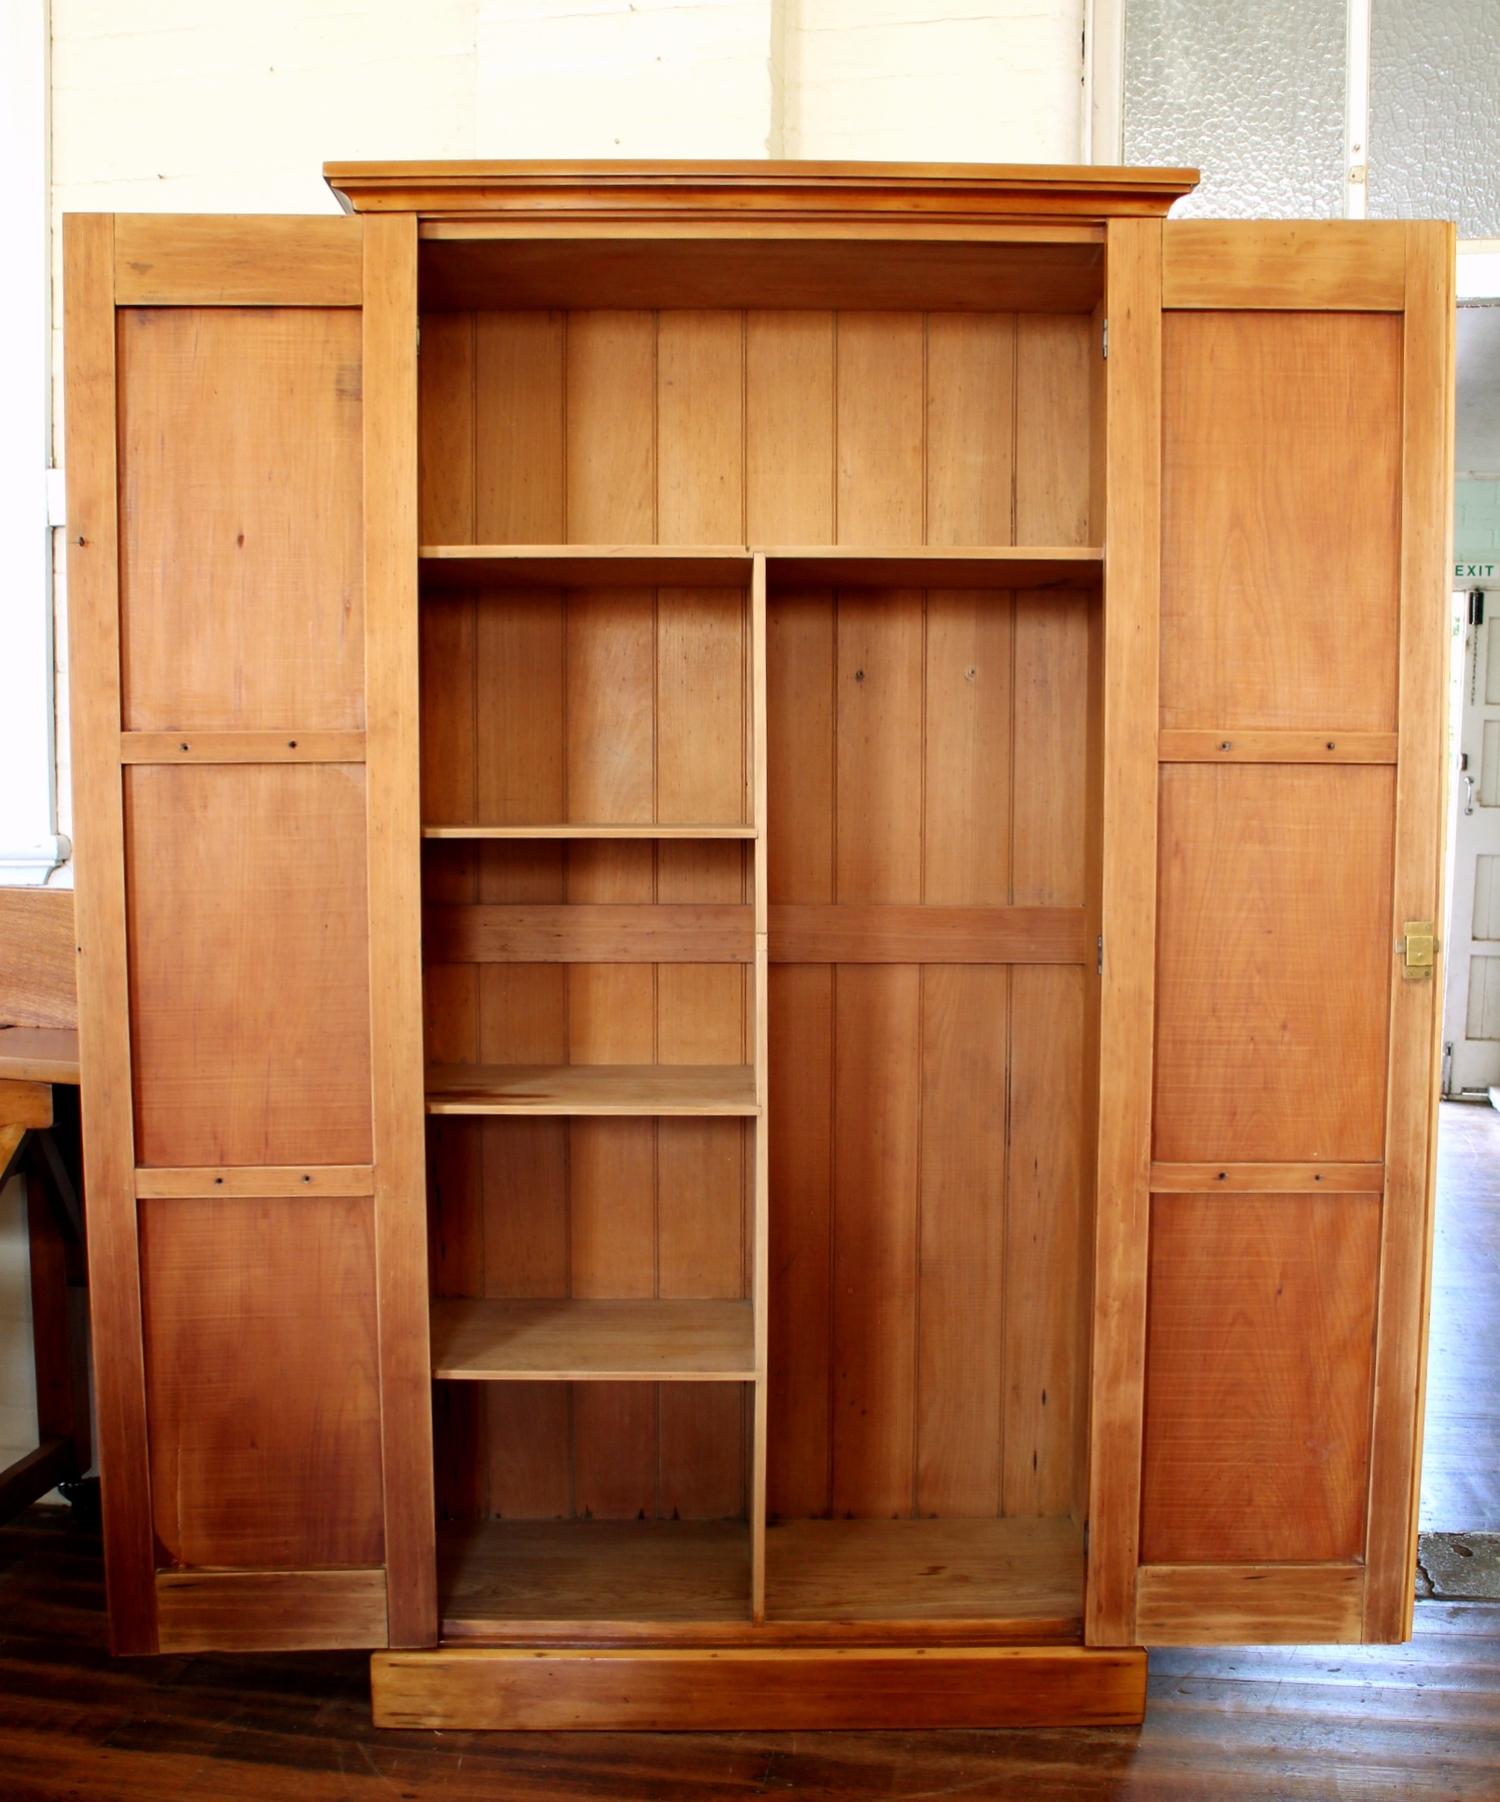 Antique Linen Cupboard.jpg - Antique Hoop Pine Linen Cupboard — Antiques Industrial Vintage